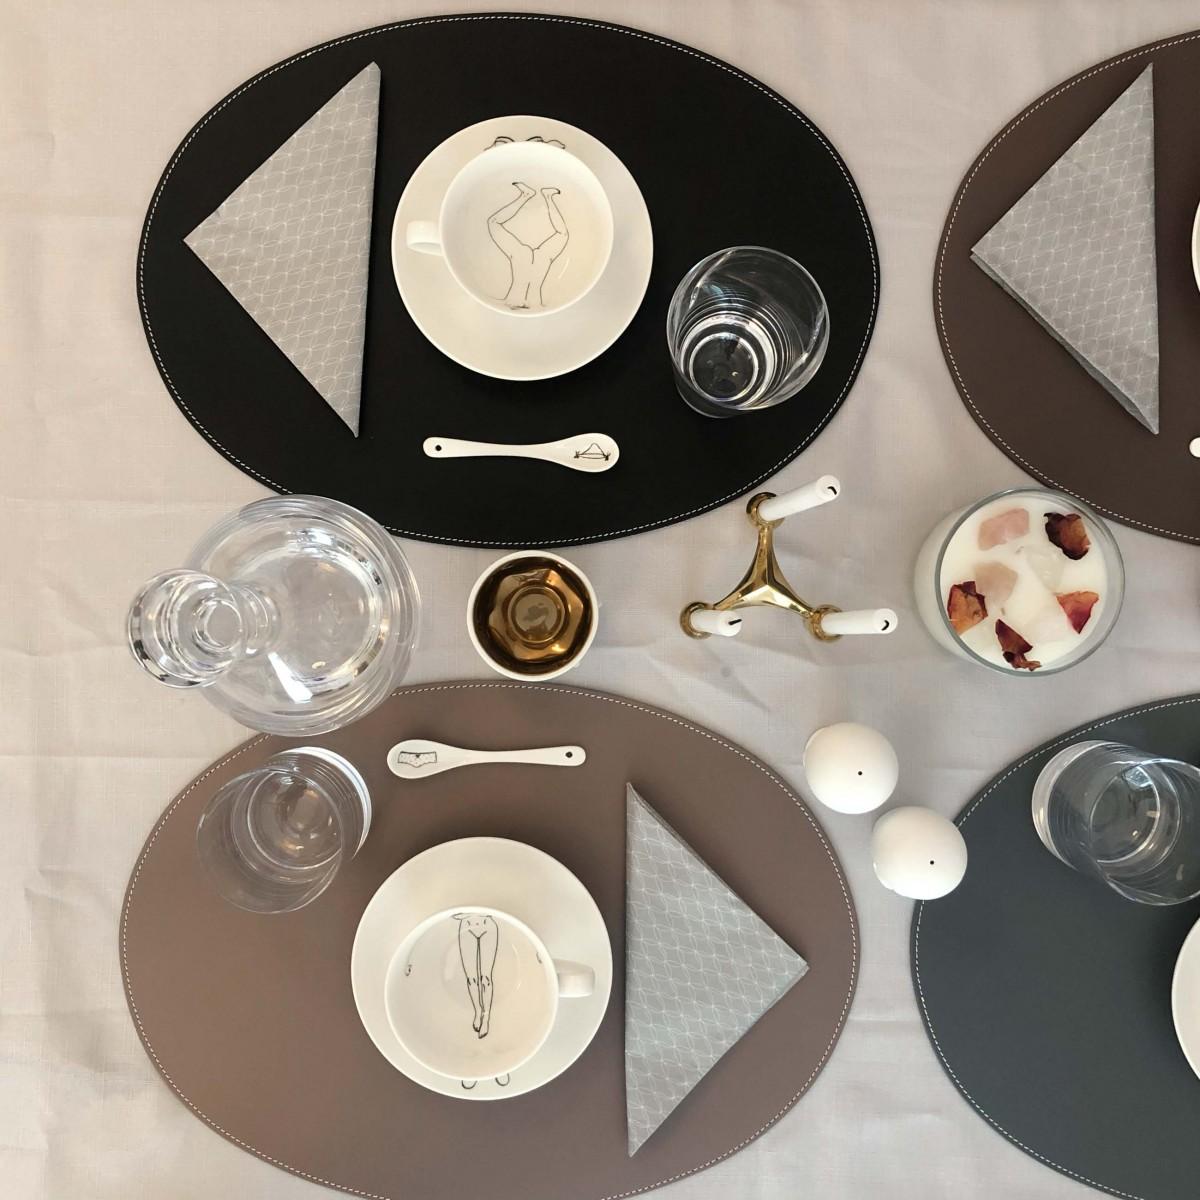 adorist.-Leder Tischset, Lederunterlage, oval, taupe